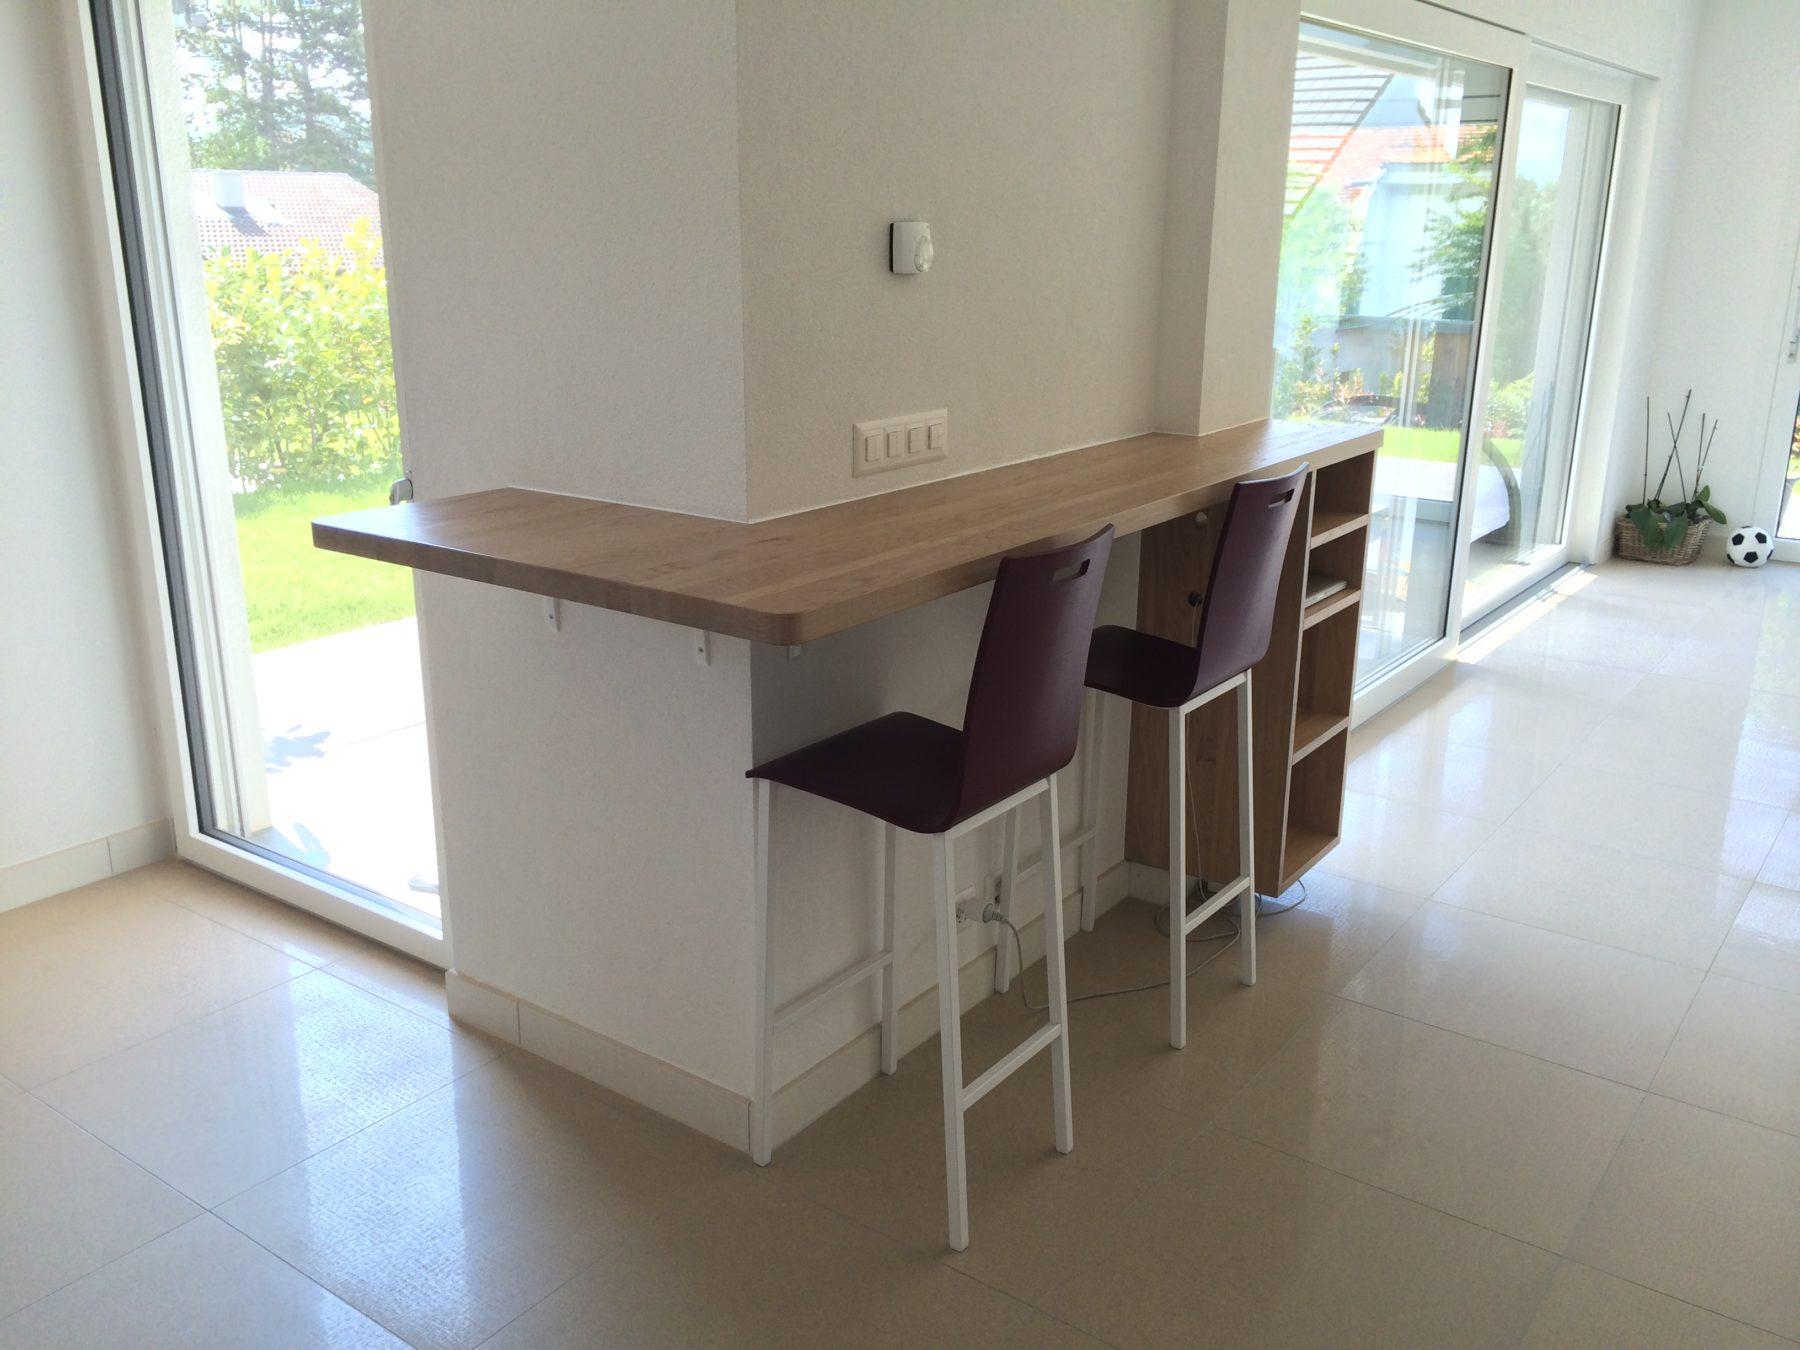 Table Haute Avec Rangement bar d'angle avec meuble de rangement - ap design